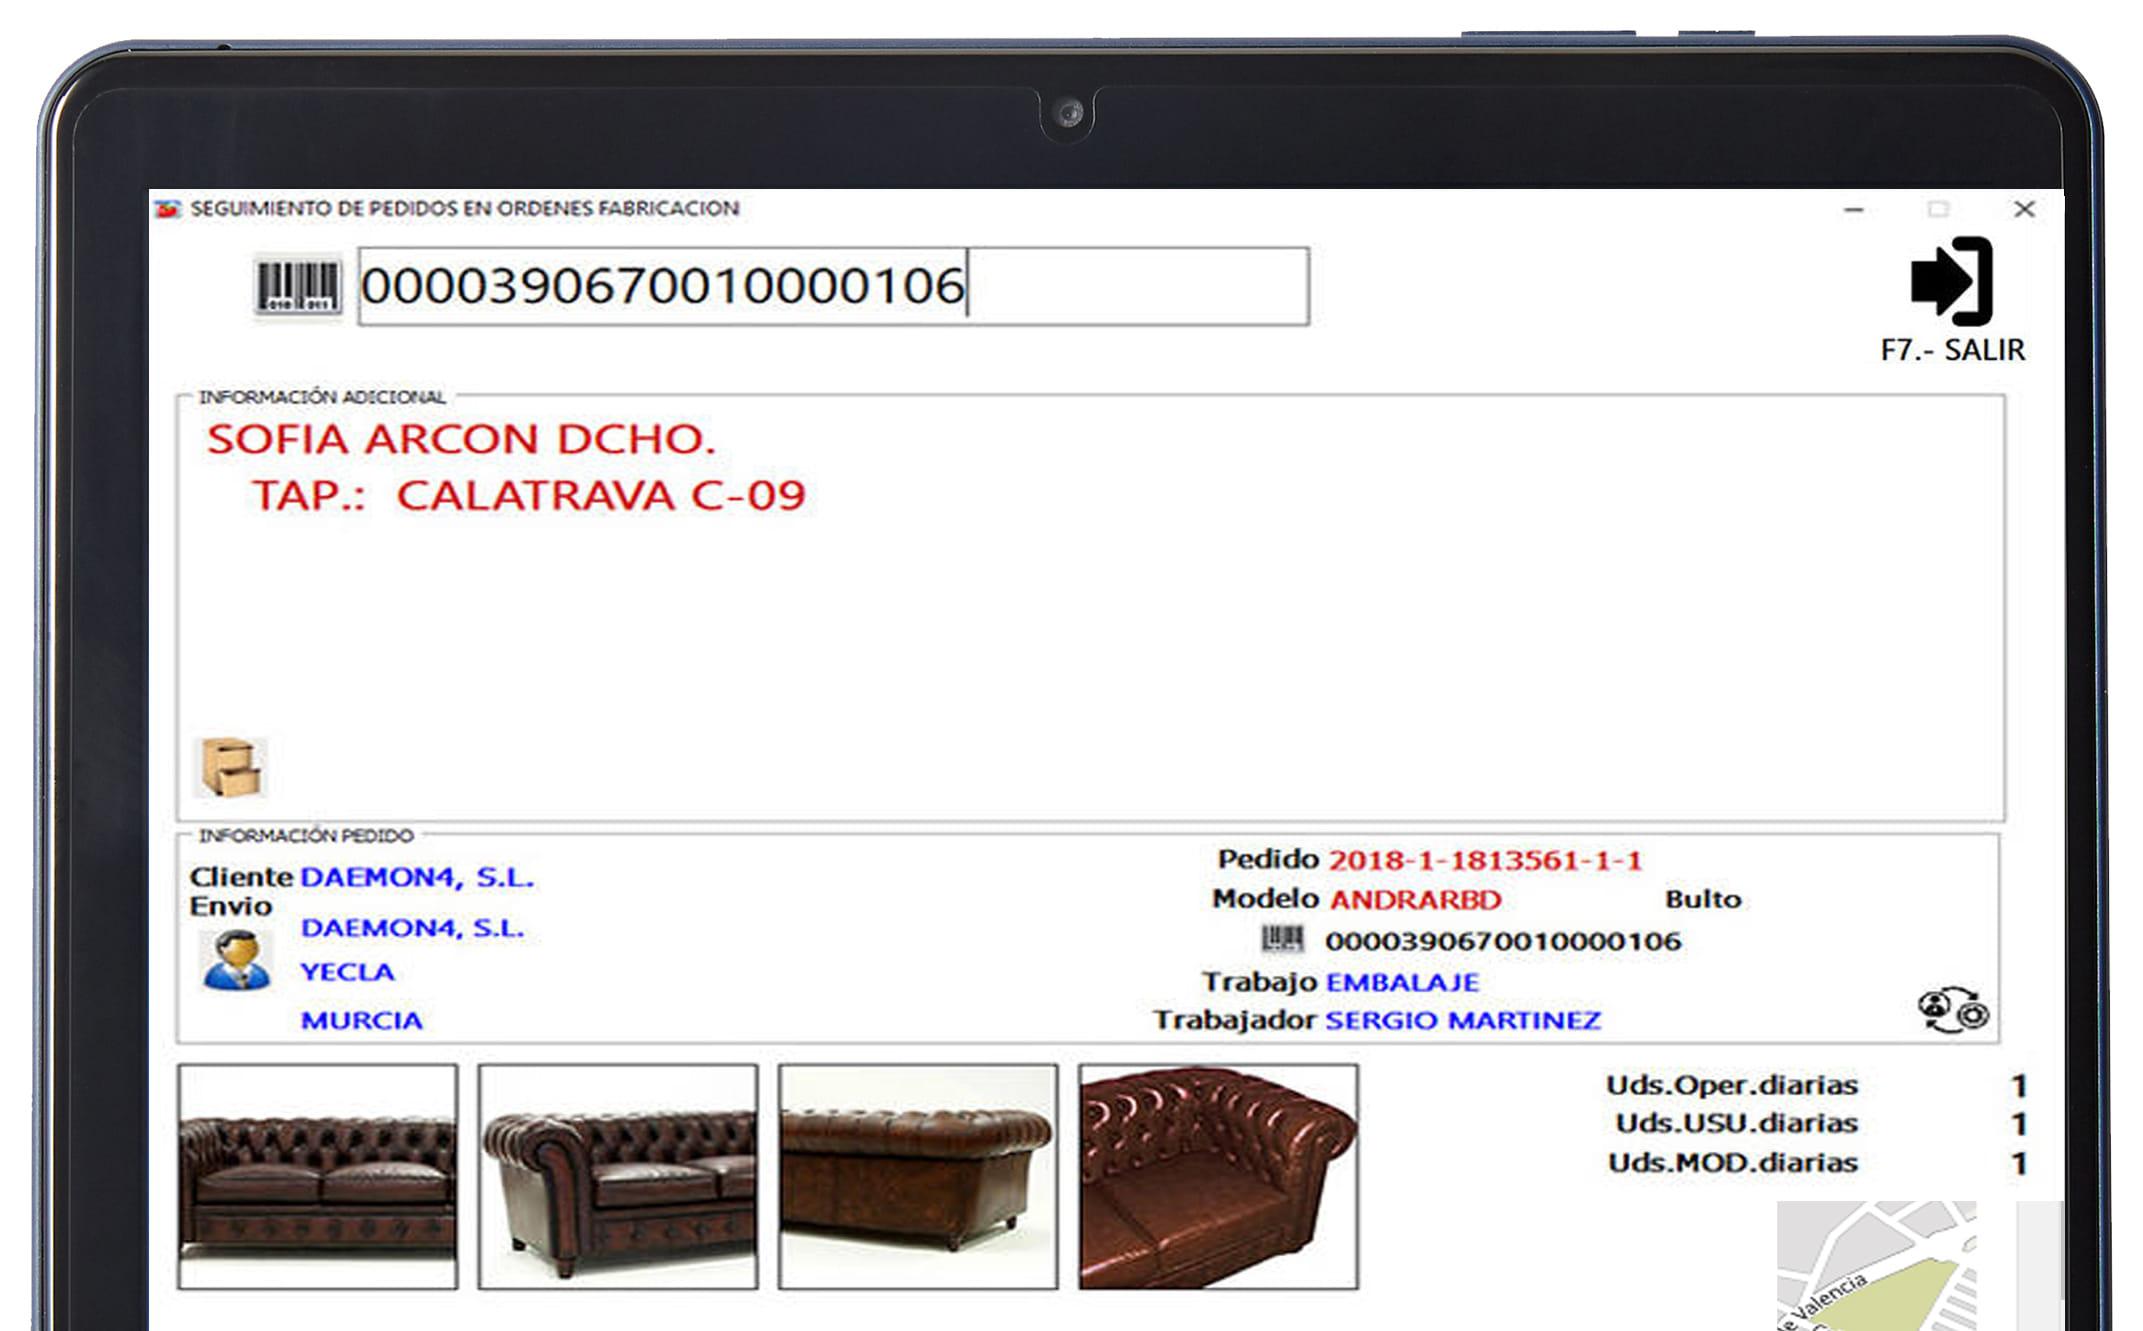 captura de imágenes en planta de producción